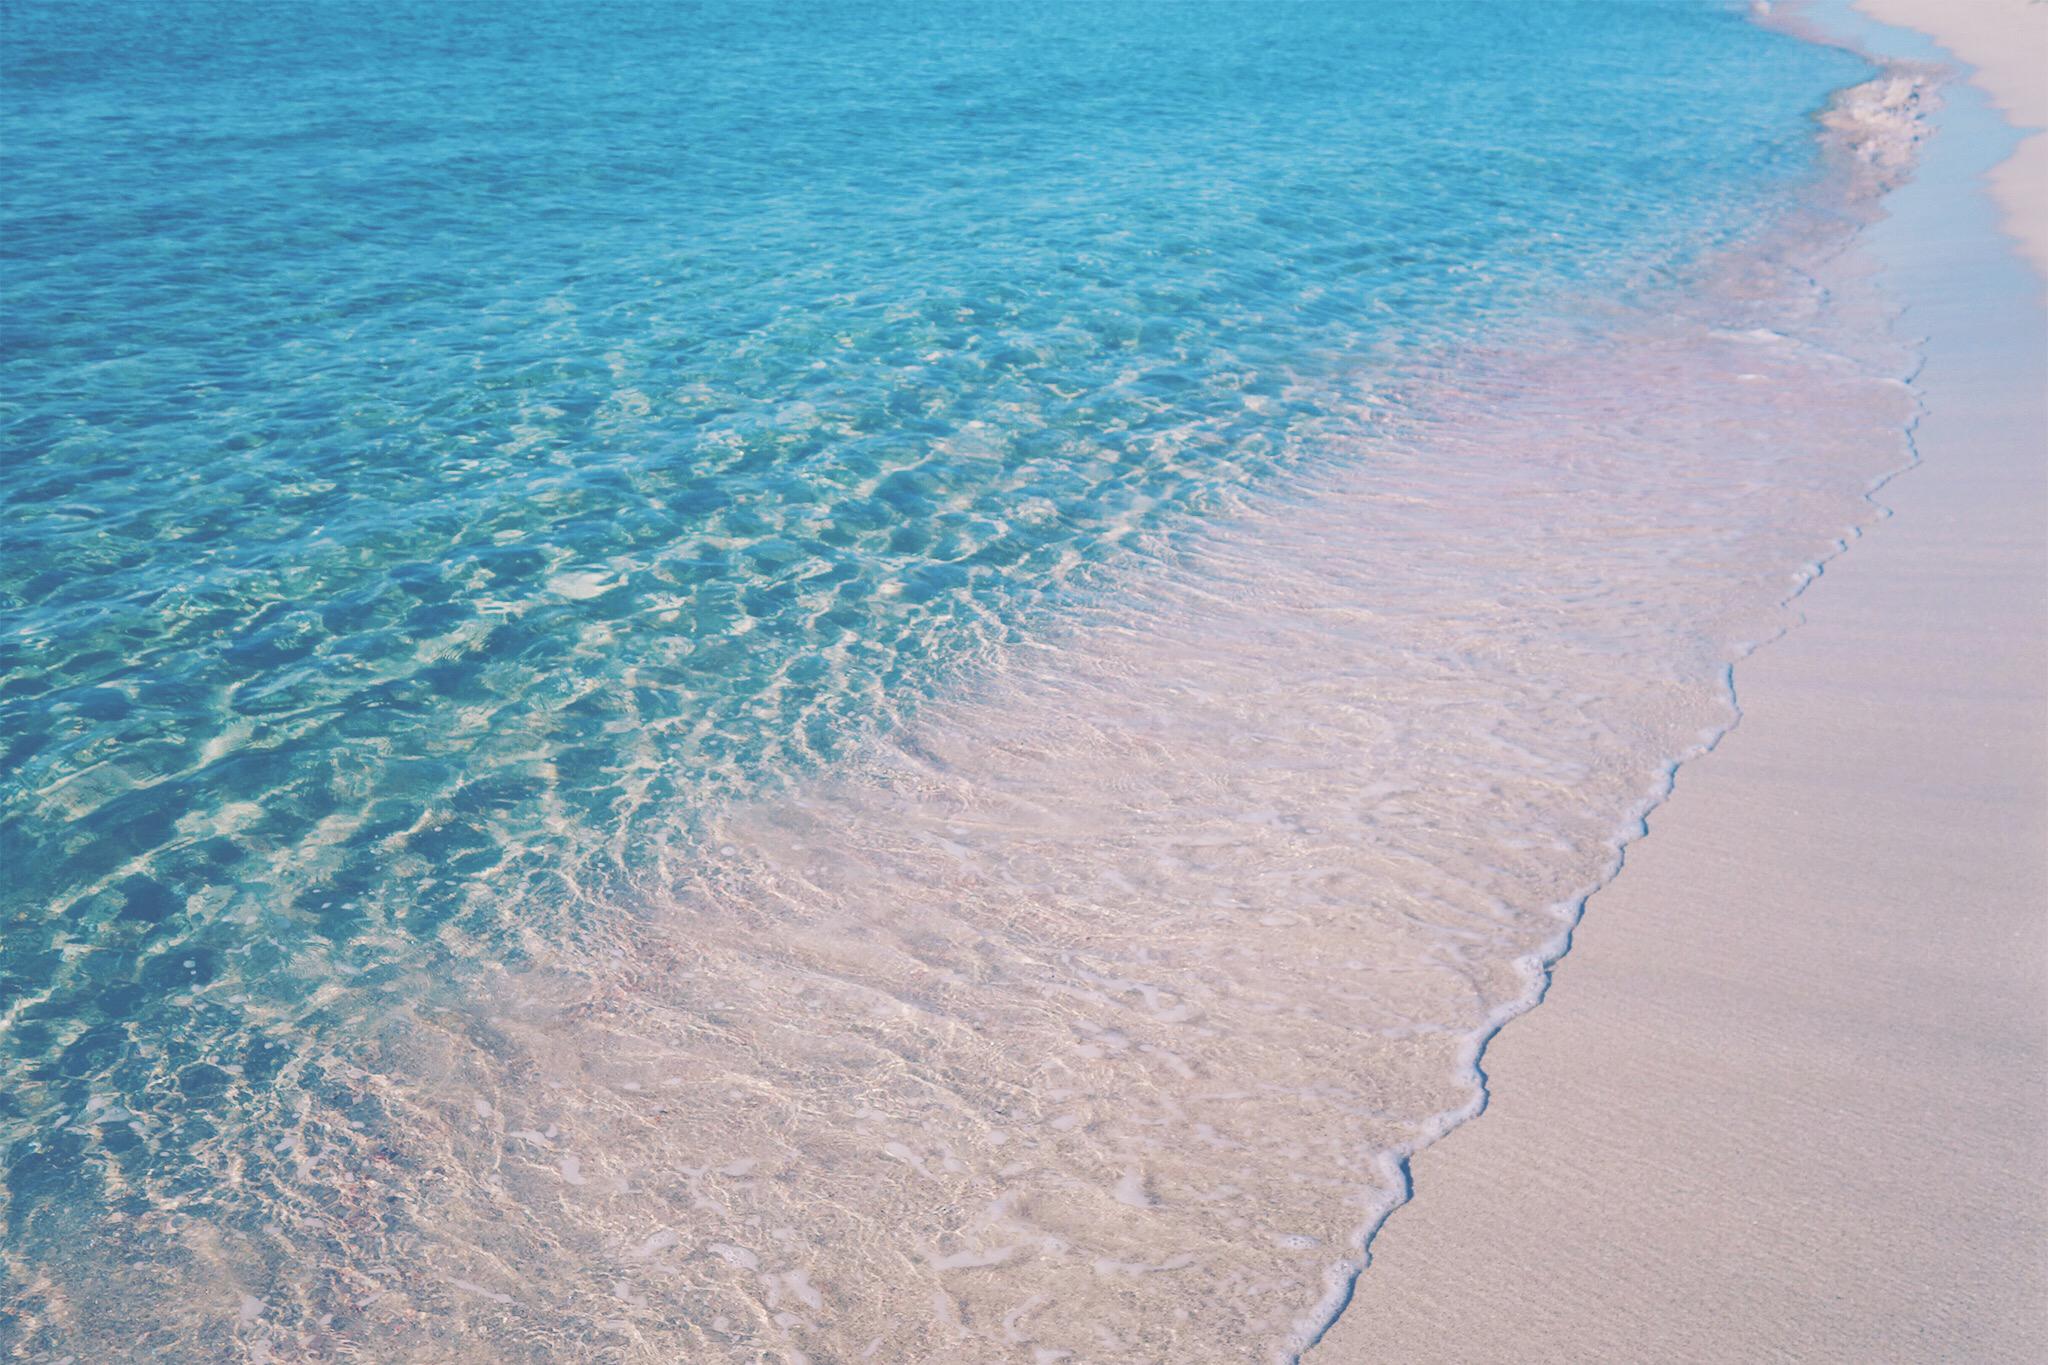 透明度が高い綺麗な海の写真